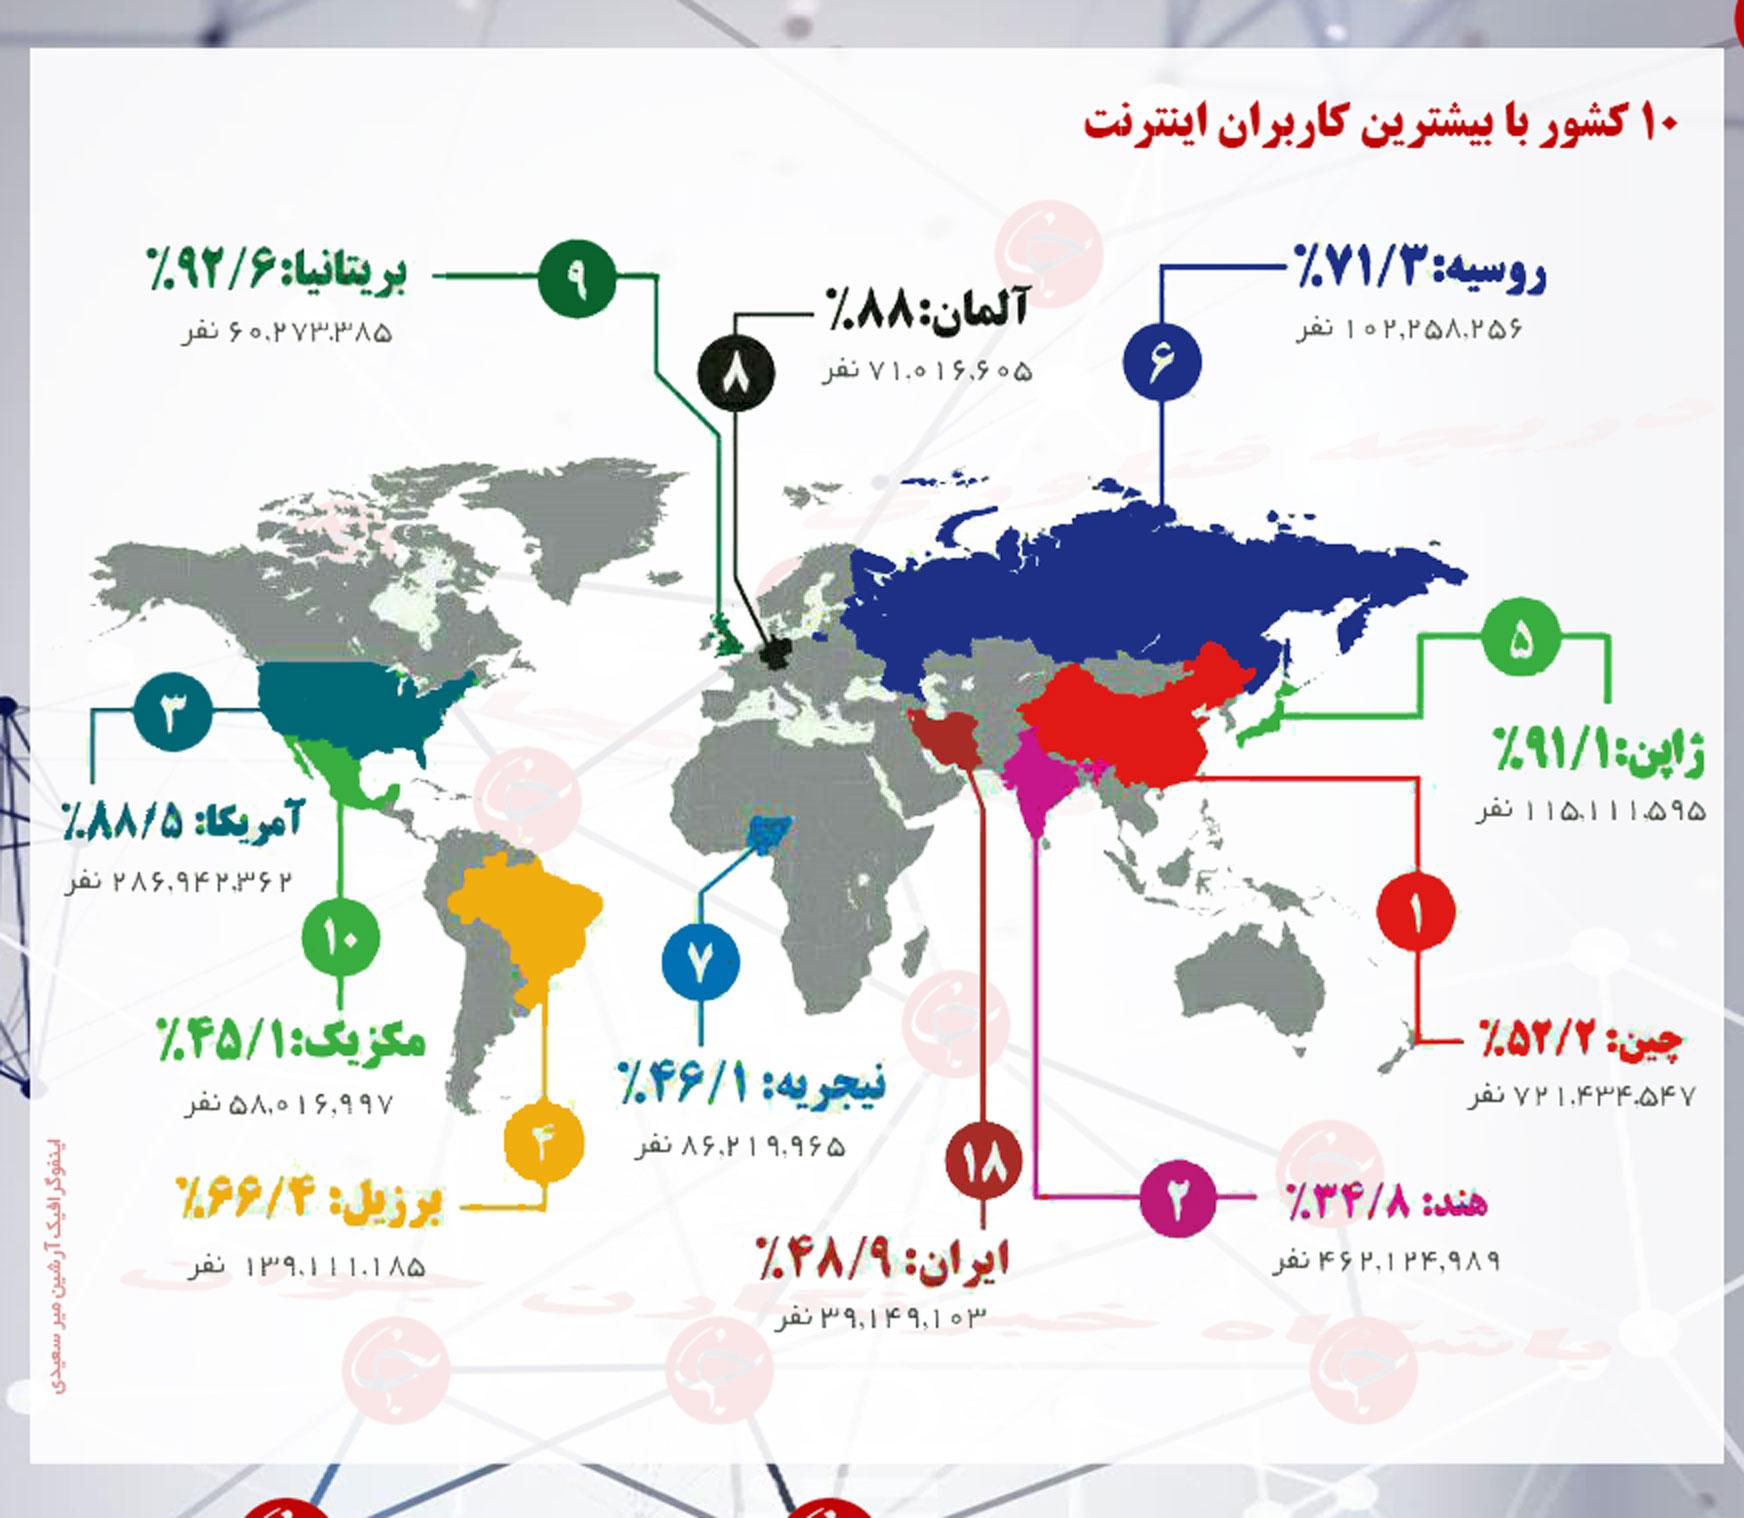 بیشترین کاربران اینترنت را کدام کشور ها دارند؟ / ایران در کدام رتبه قرار دارد؟ + اینفوگرافی